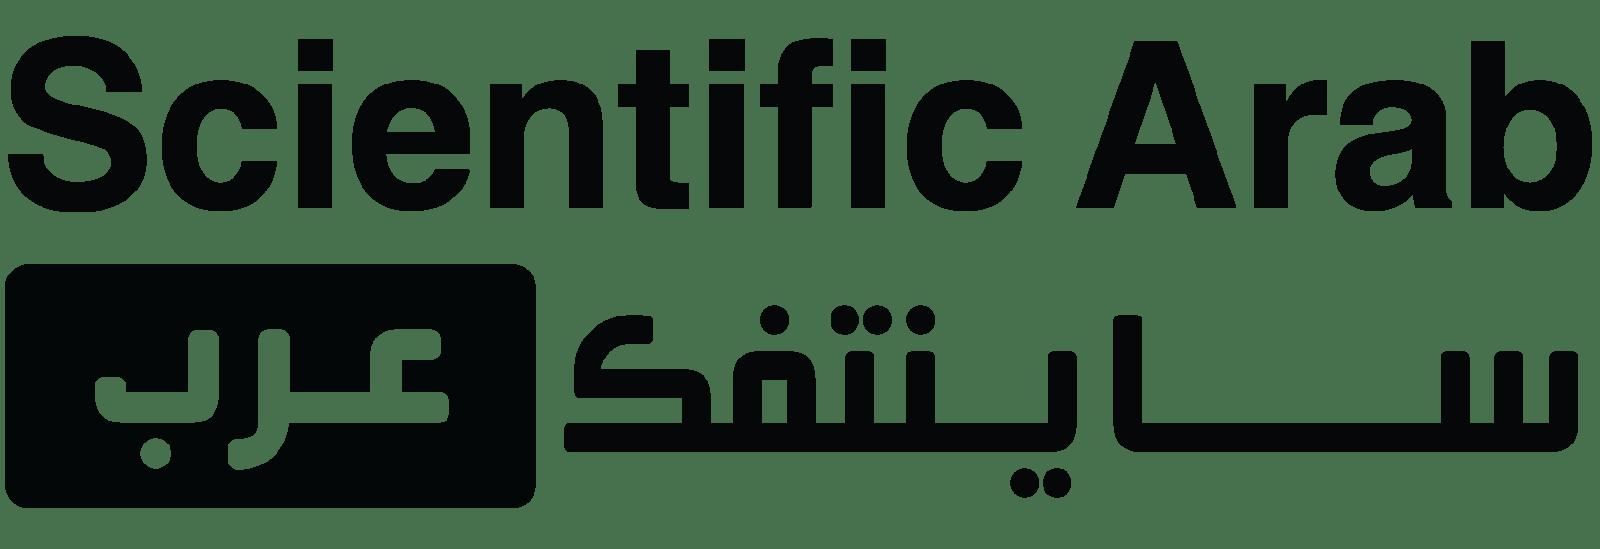 ساينتفك عرب | العلوم بالعربية